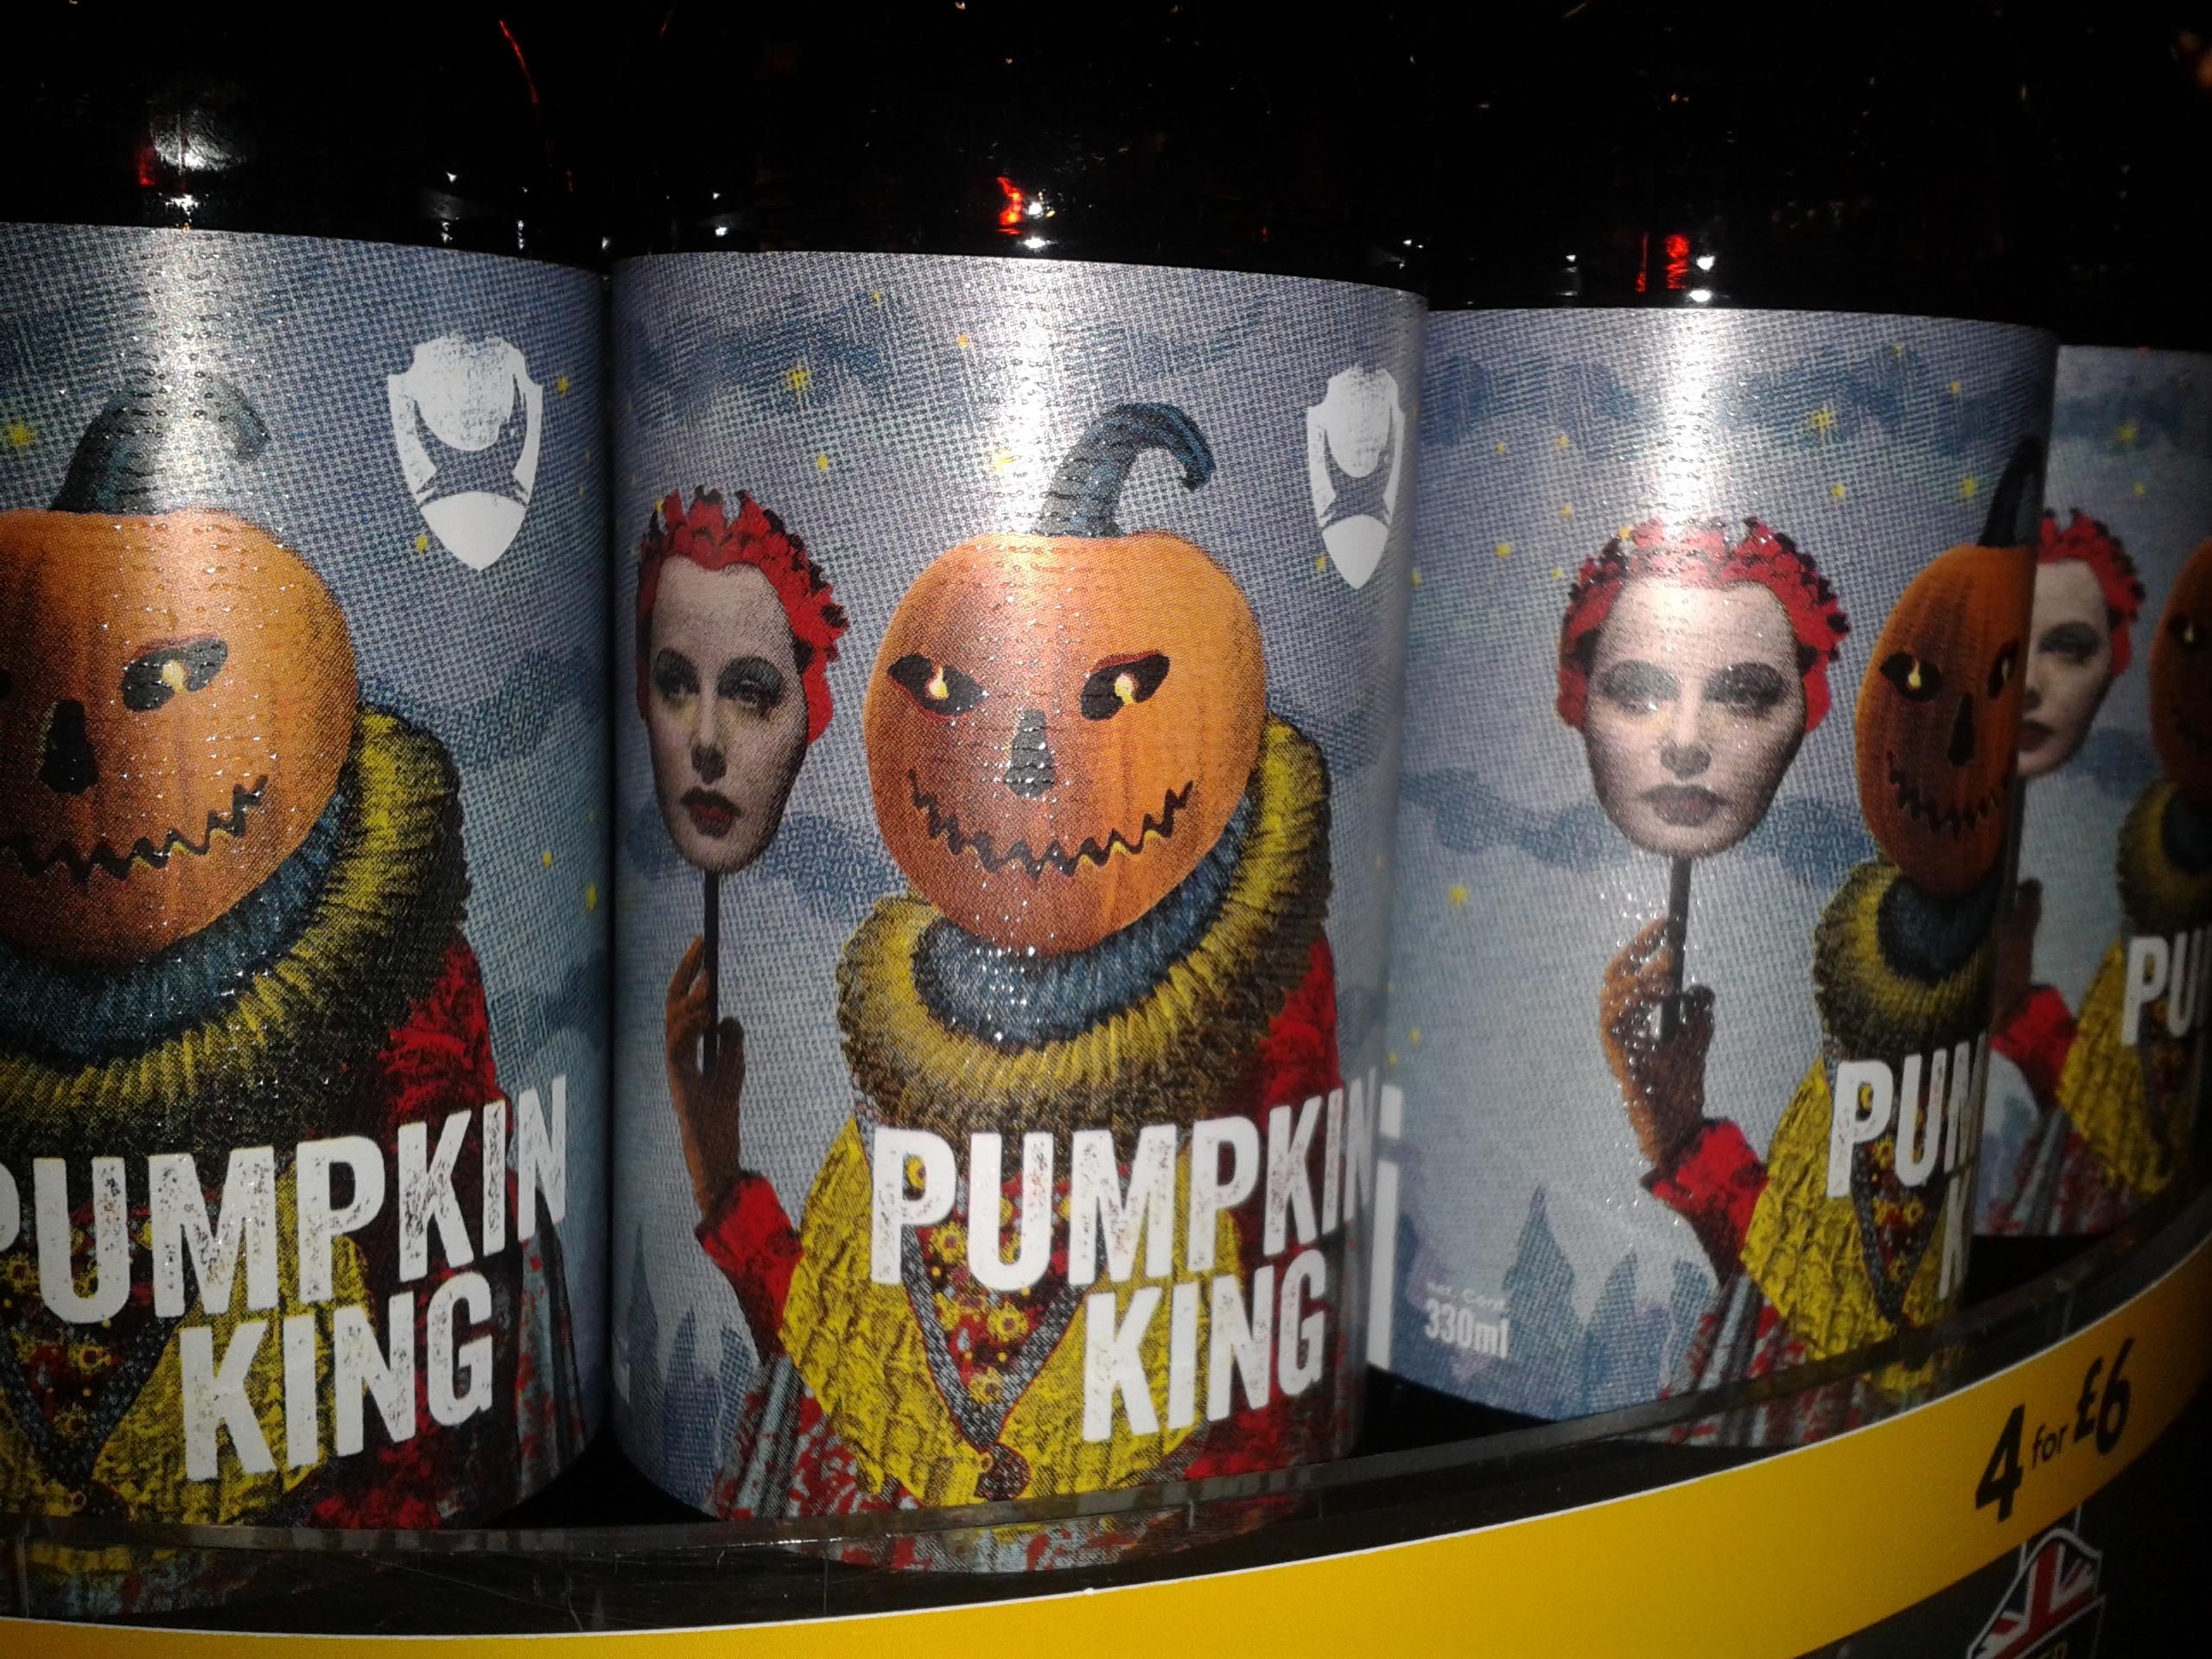 Pumpkin King Halloween Ale Bottle Art